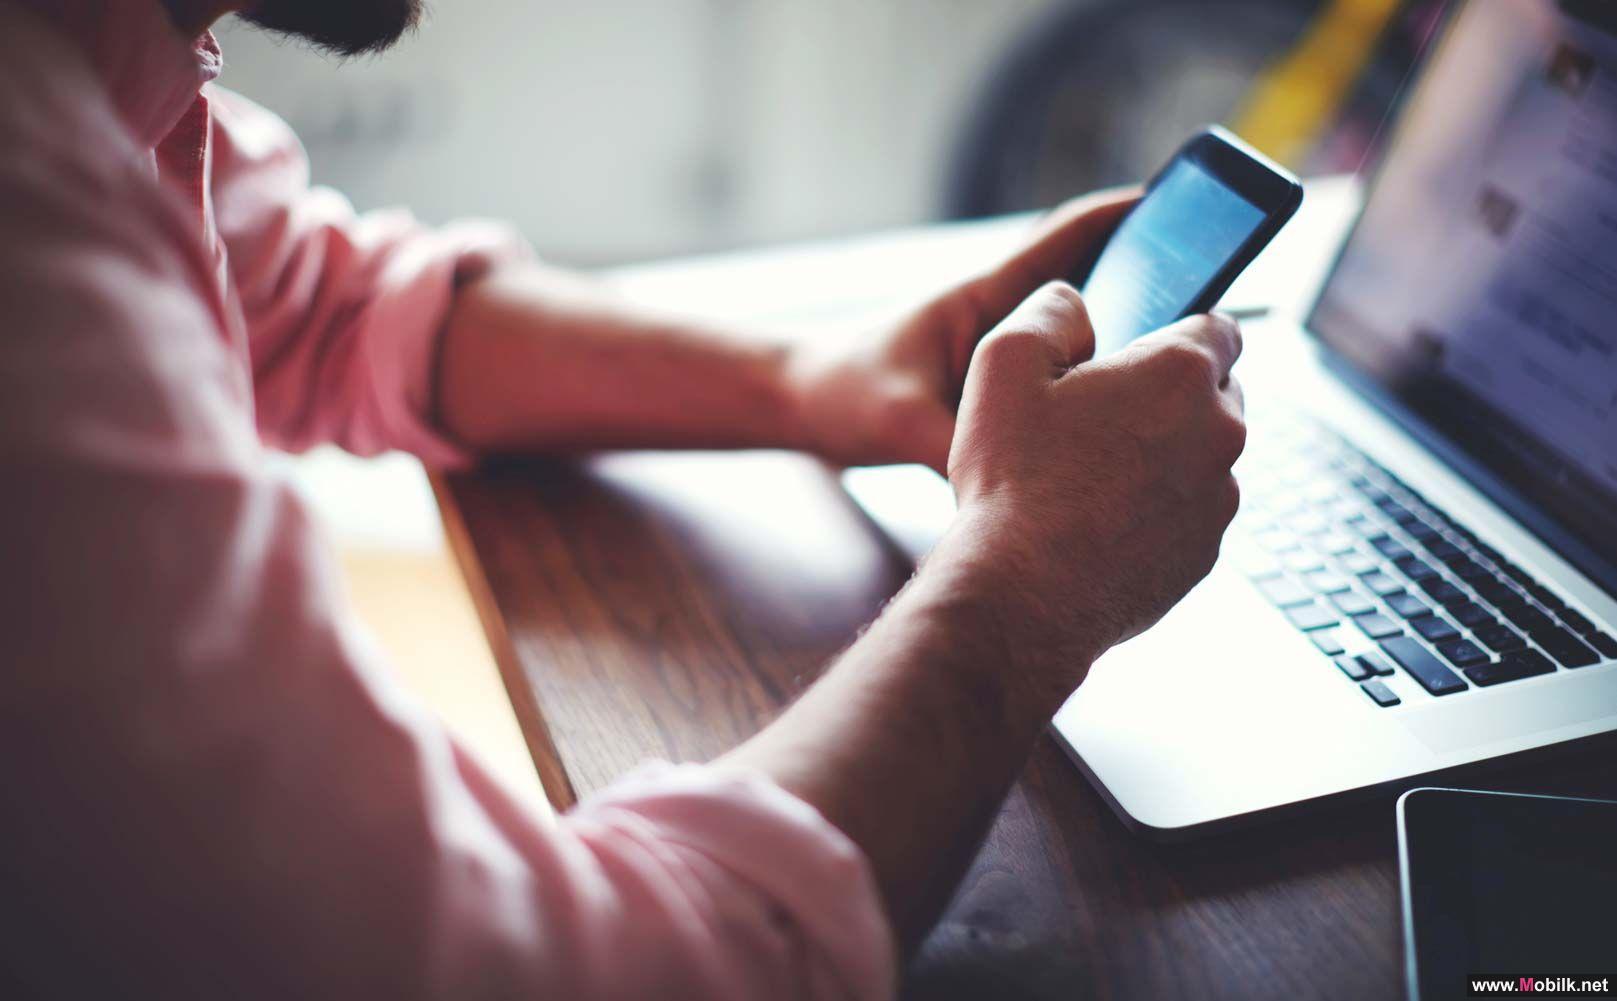 جارتنر: أعداد التطبيقات الجوالة الخاصة بالمؤسسات ثابتة ولا تتزايد